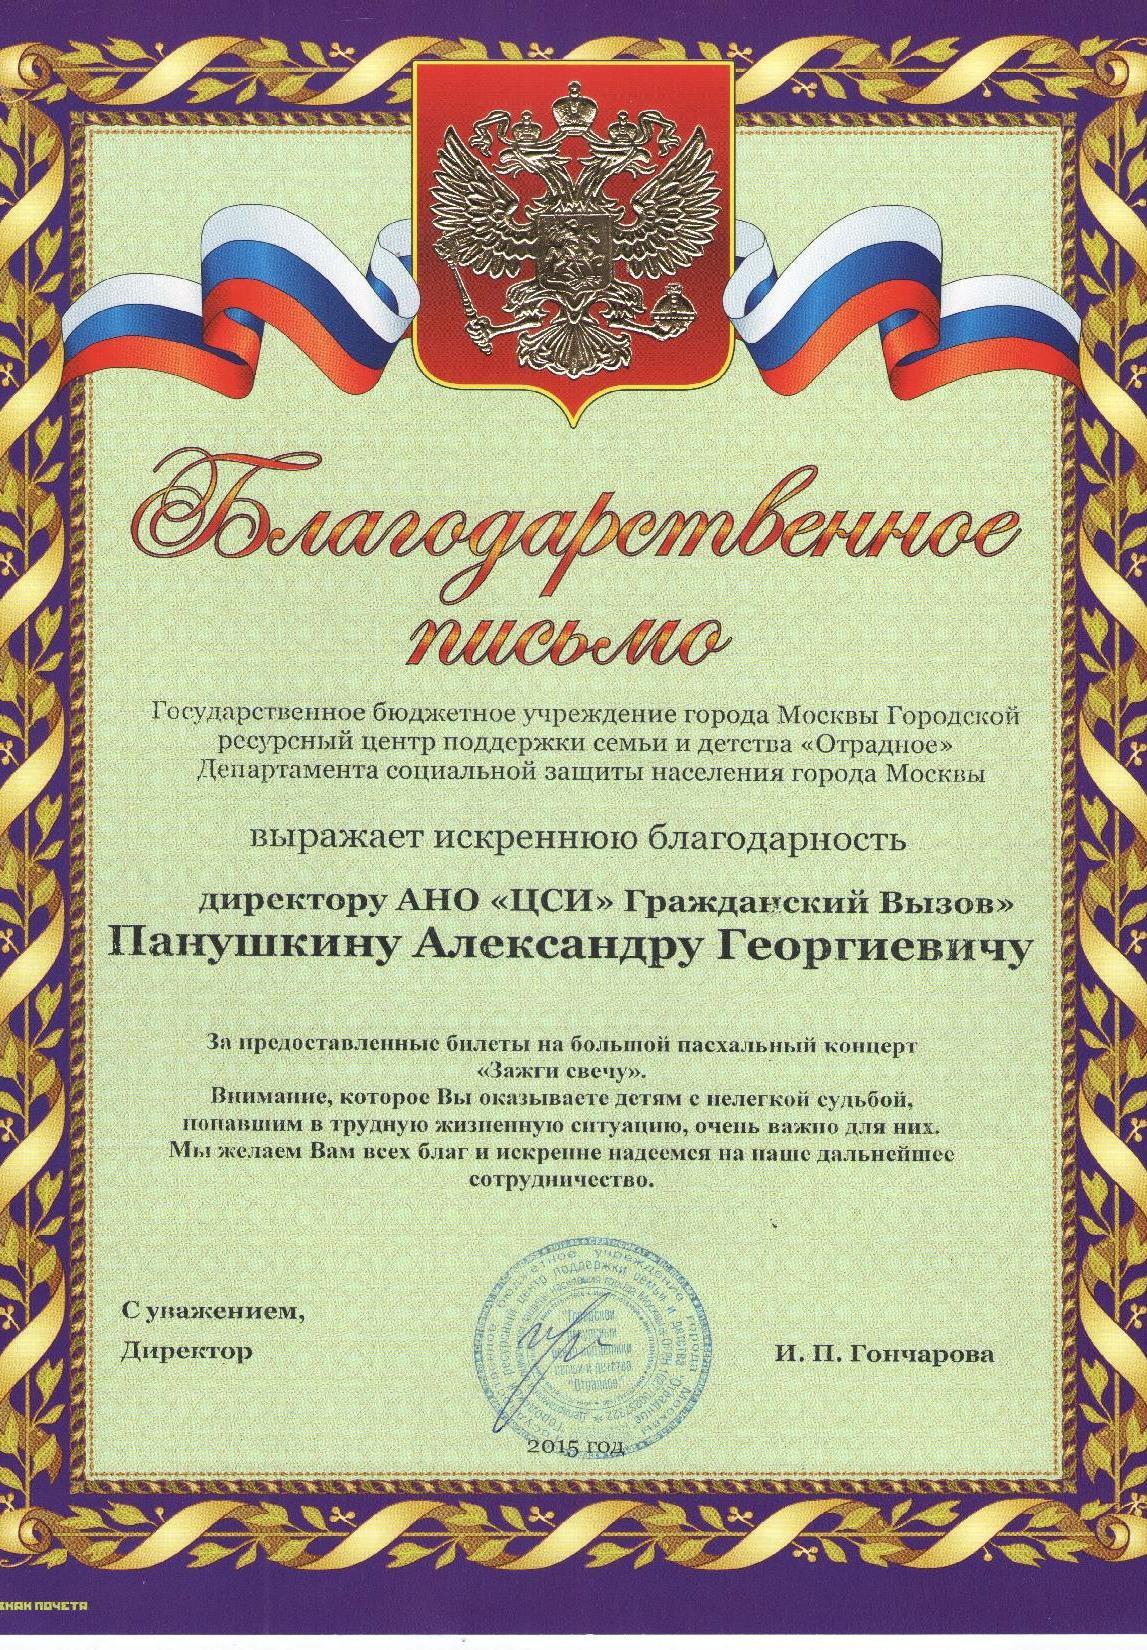 Благодарность от Департамента соц. защиты Москвы